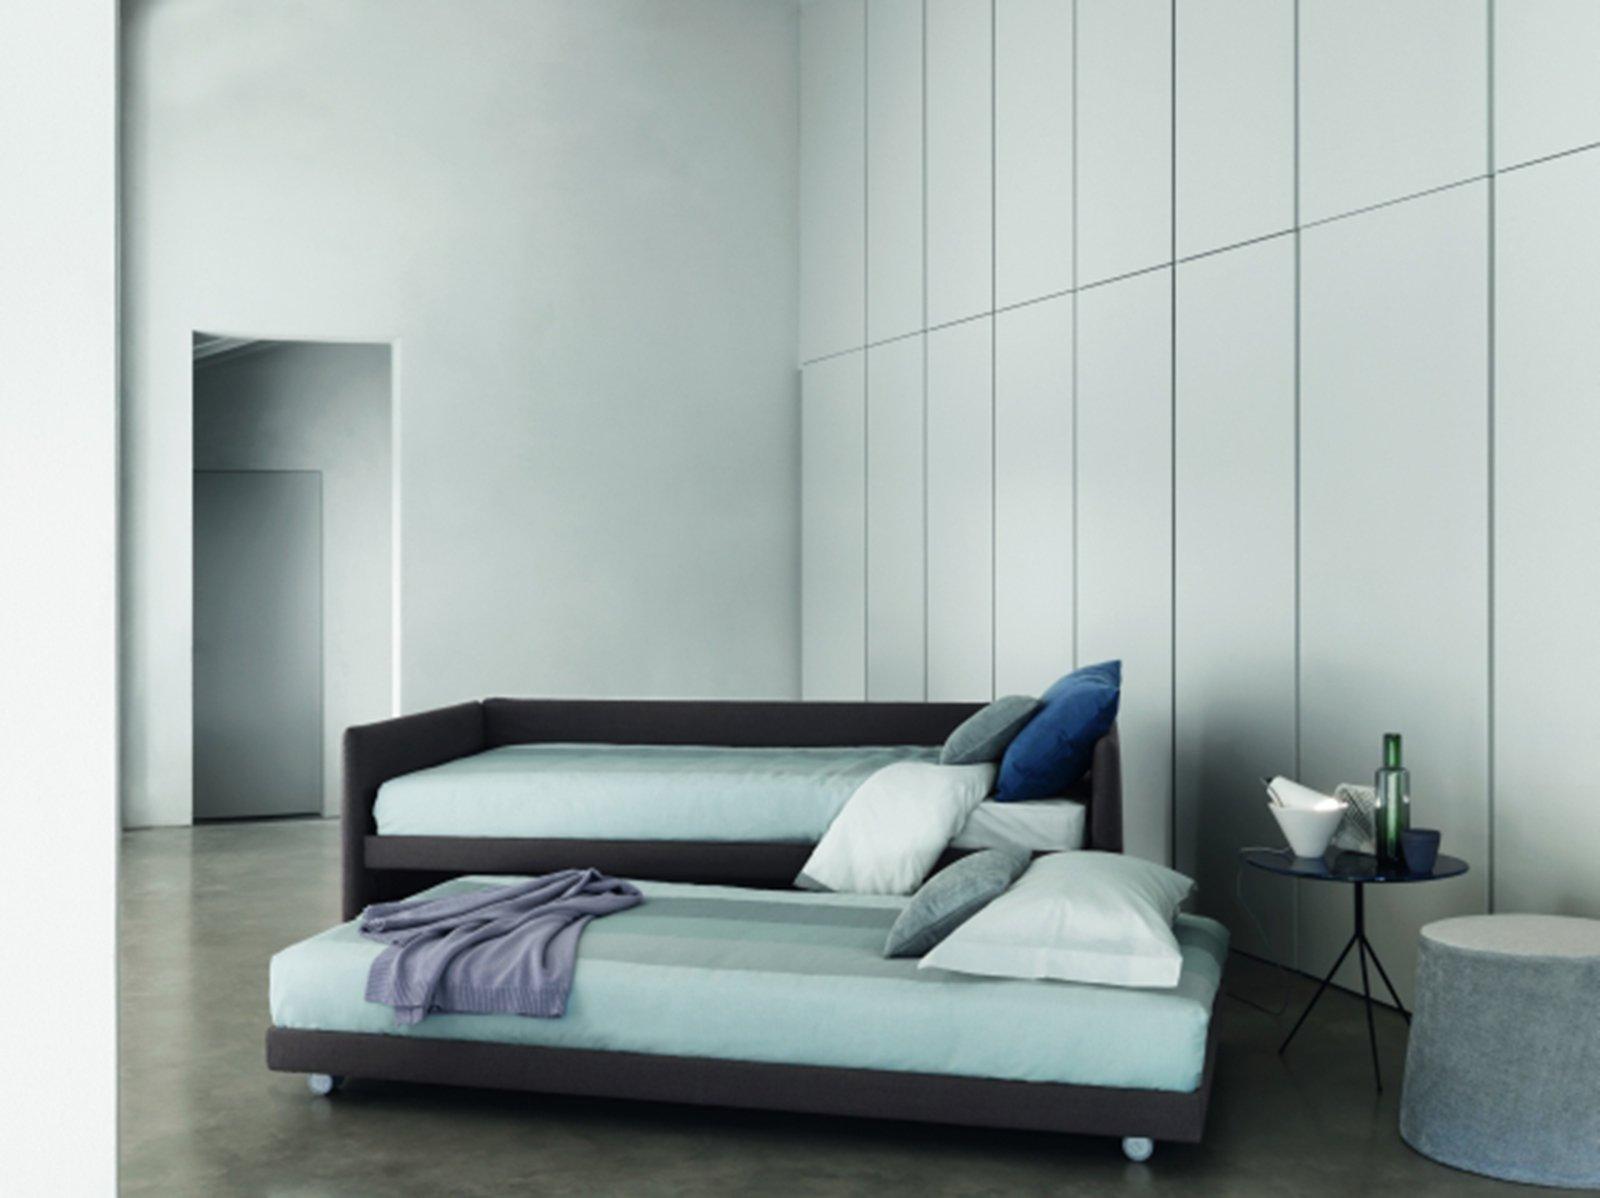 Porte a soffietto moderne - Spalliere letto mondo convenienza ...